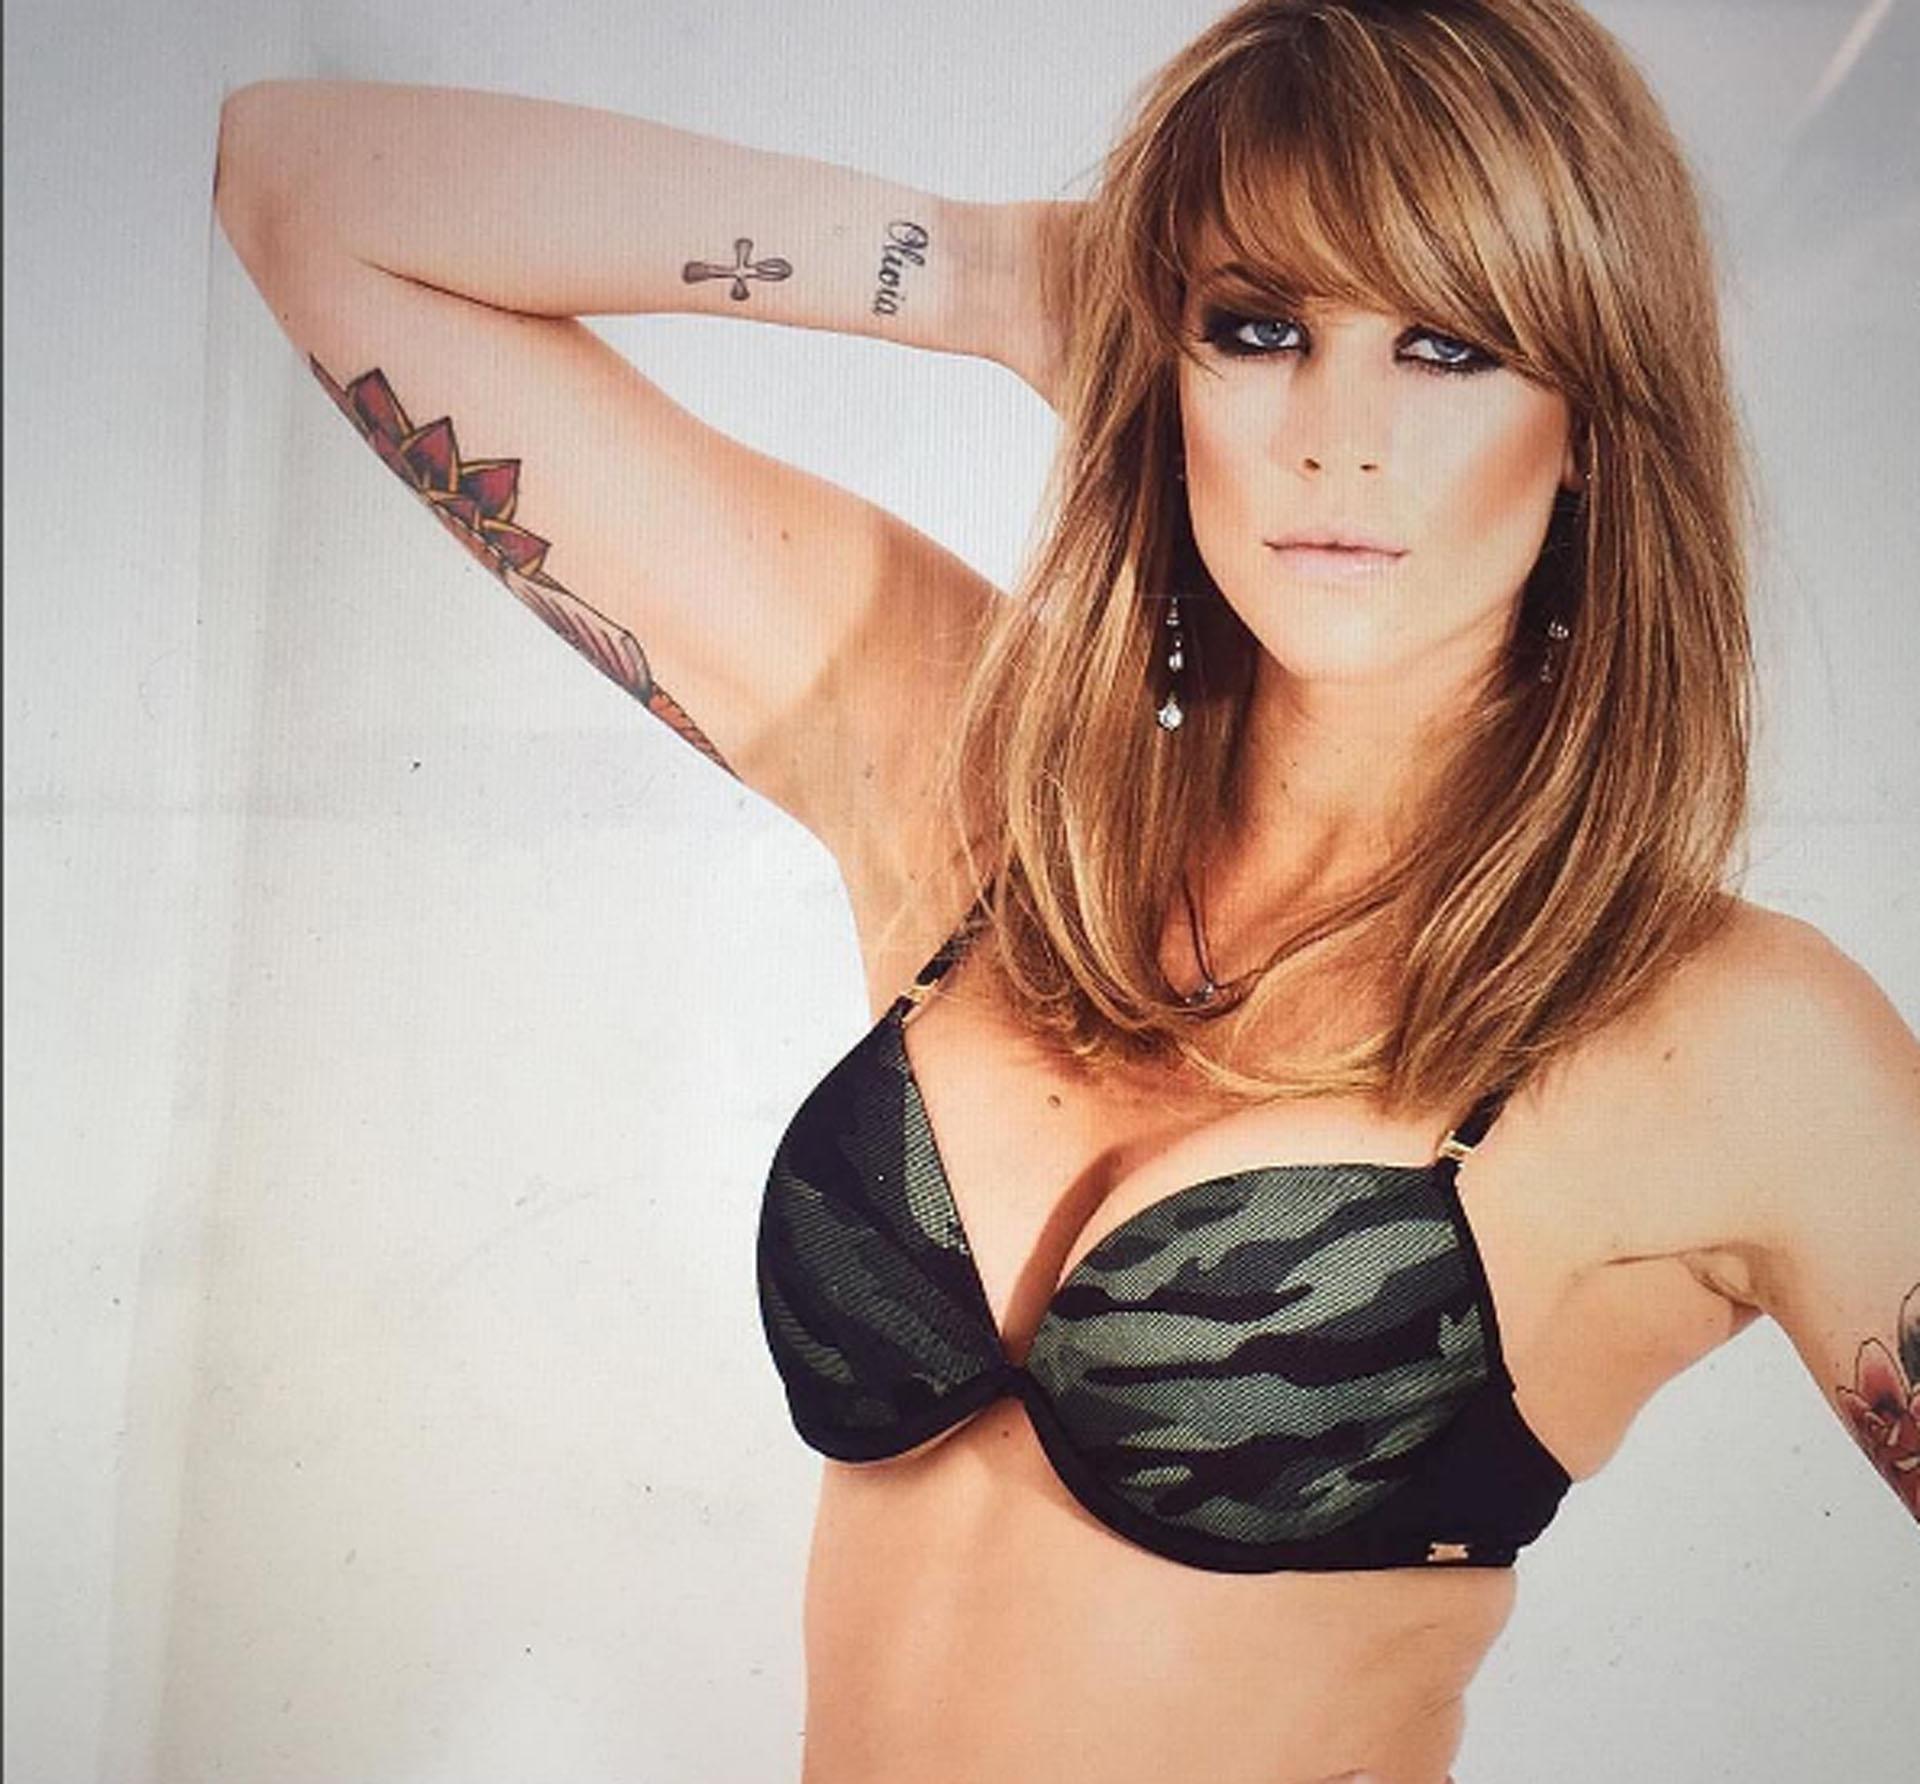 """Entre todos sus tatuajes, Juliana tiene uno con la inscripción """"Mariano"""", en la nuca"""